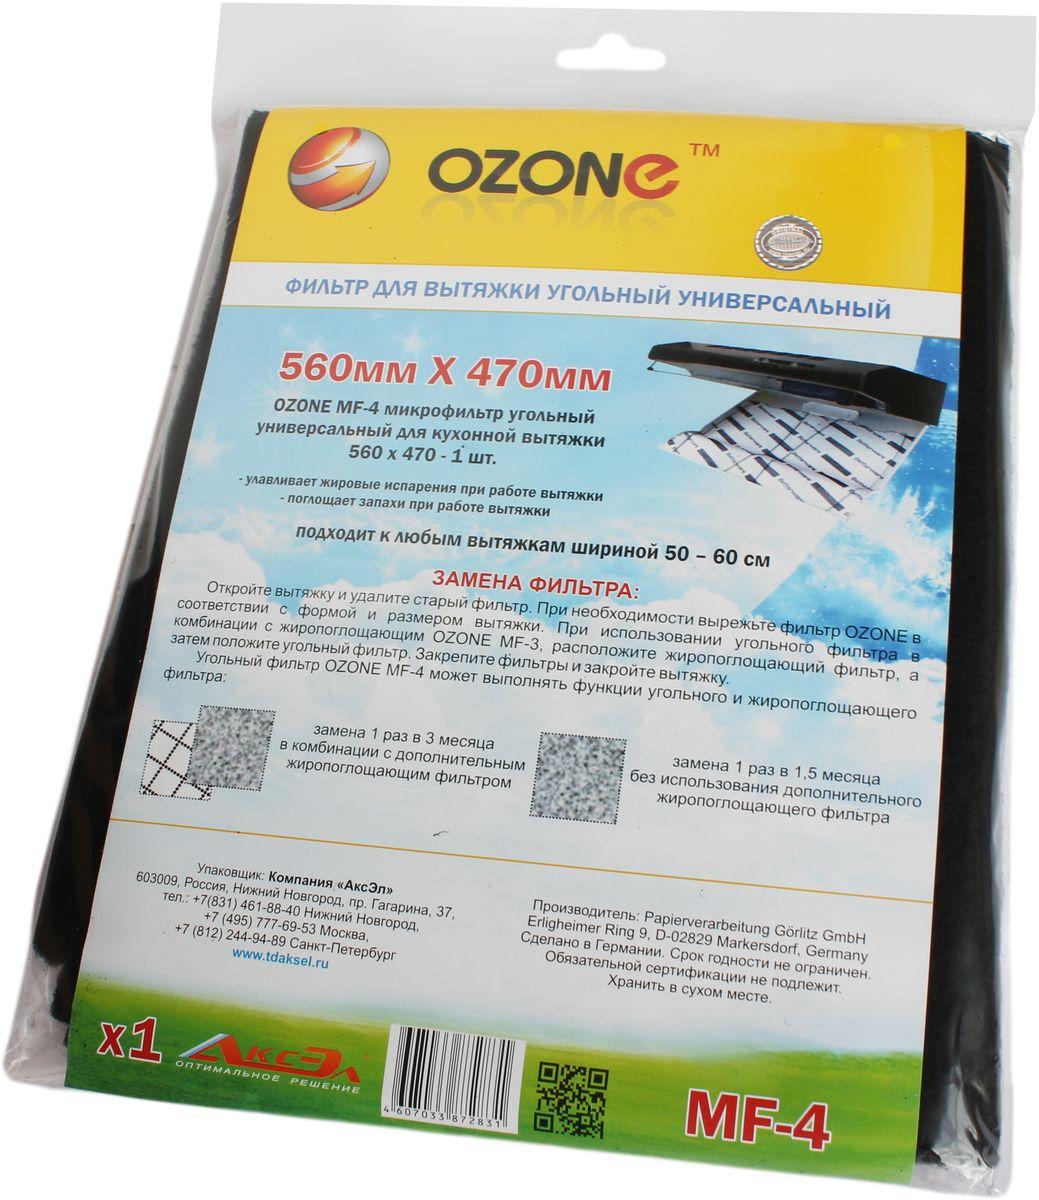 Ozone MF-4 микрофильтр для вытяжки угольный универсальный